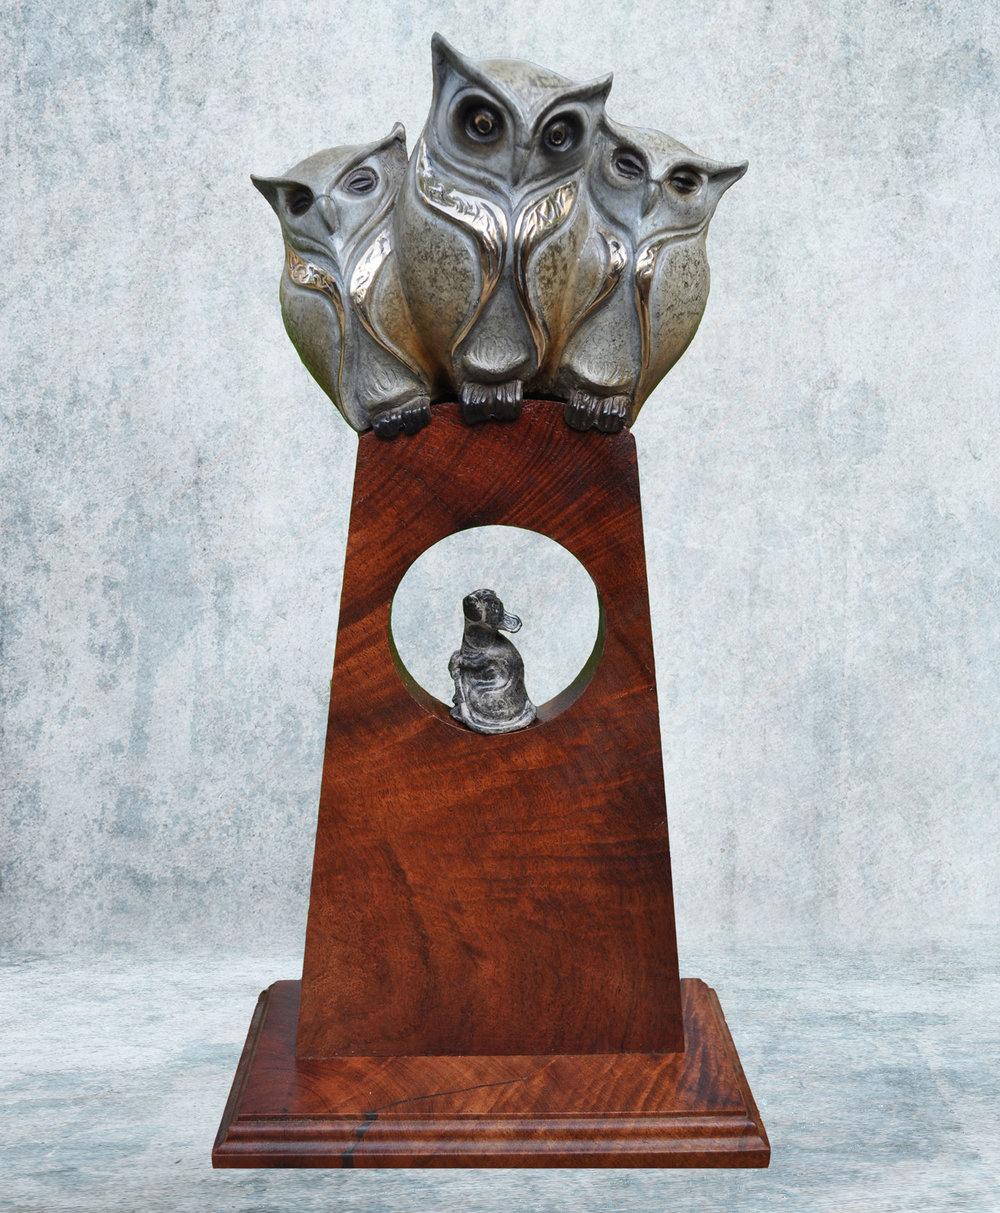 bronze-owls-sculpture-john-maisano-20.jpg